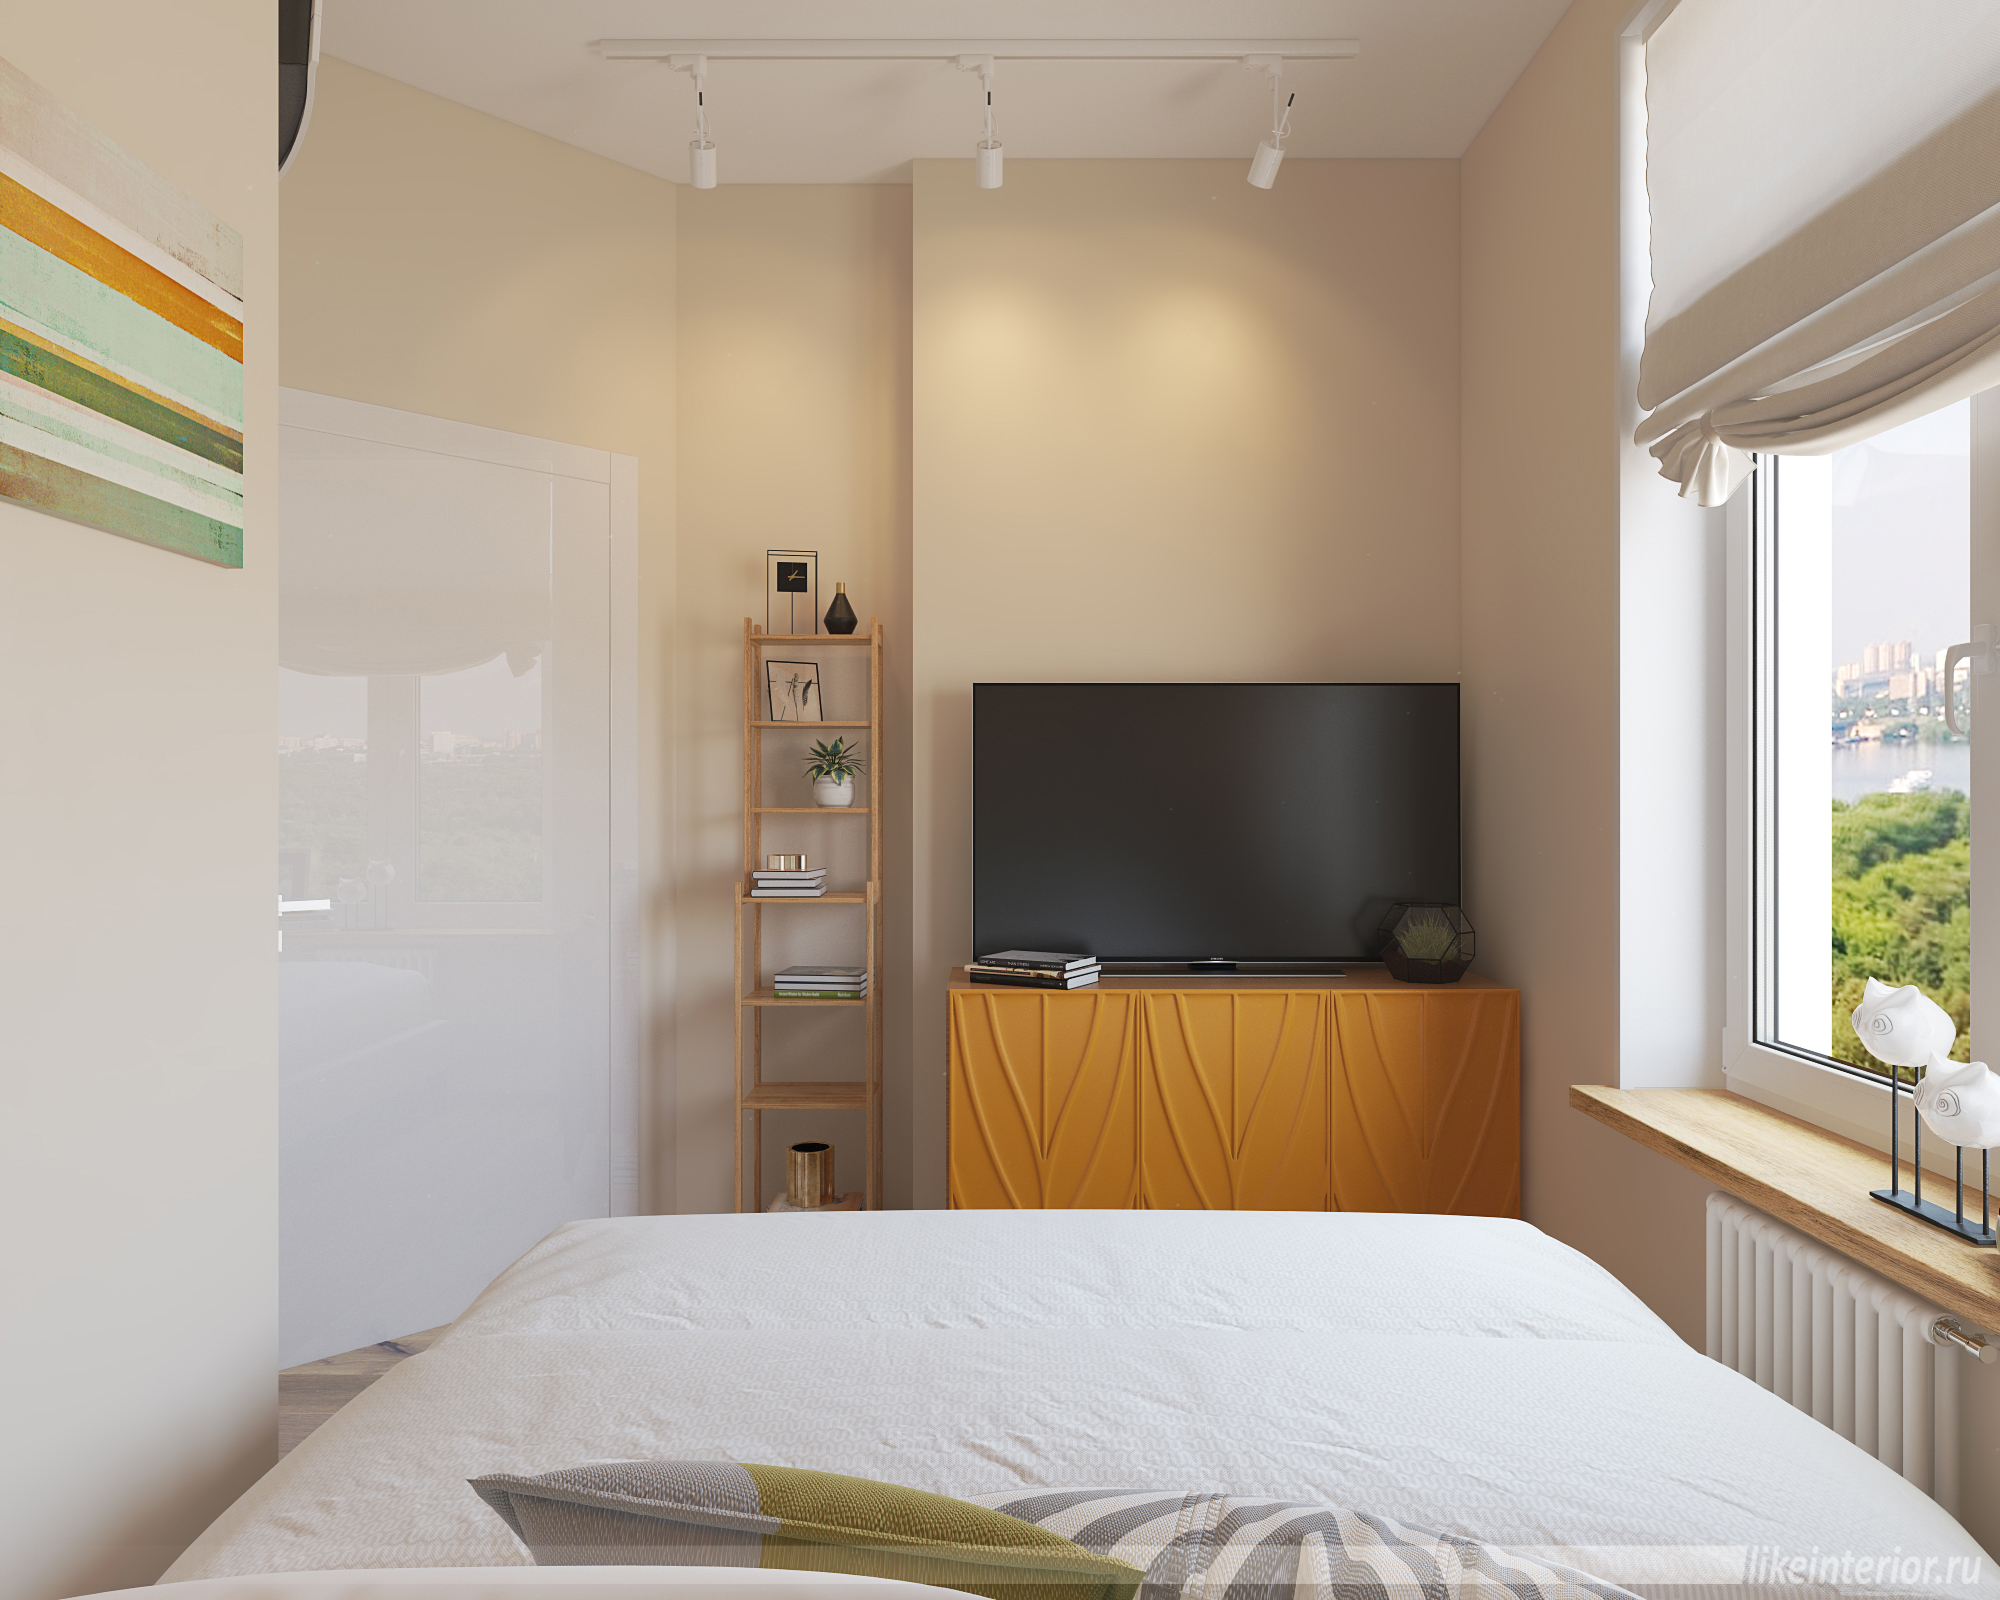 bedroom_view_03